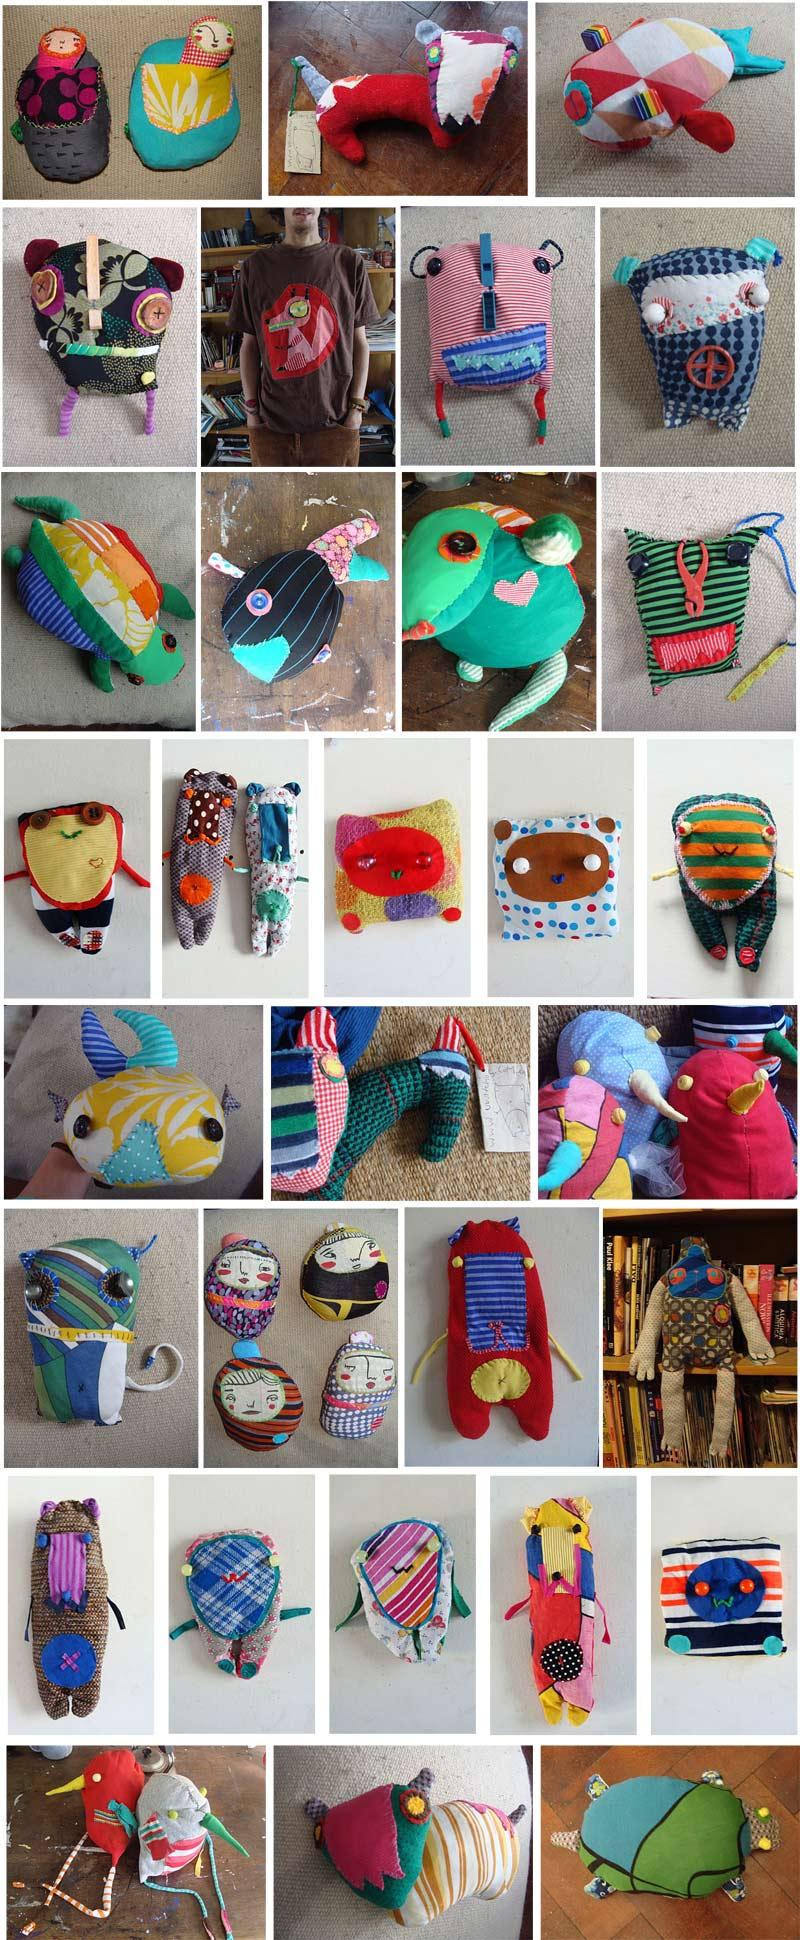 udunekos de tela juguetes con materiales reciclados